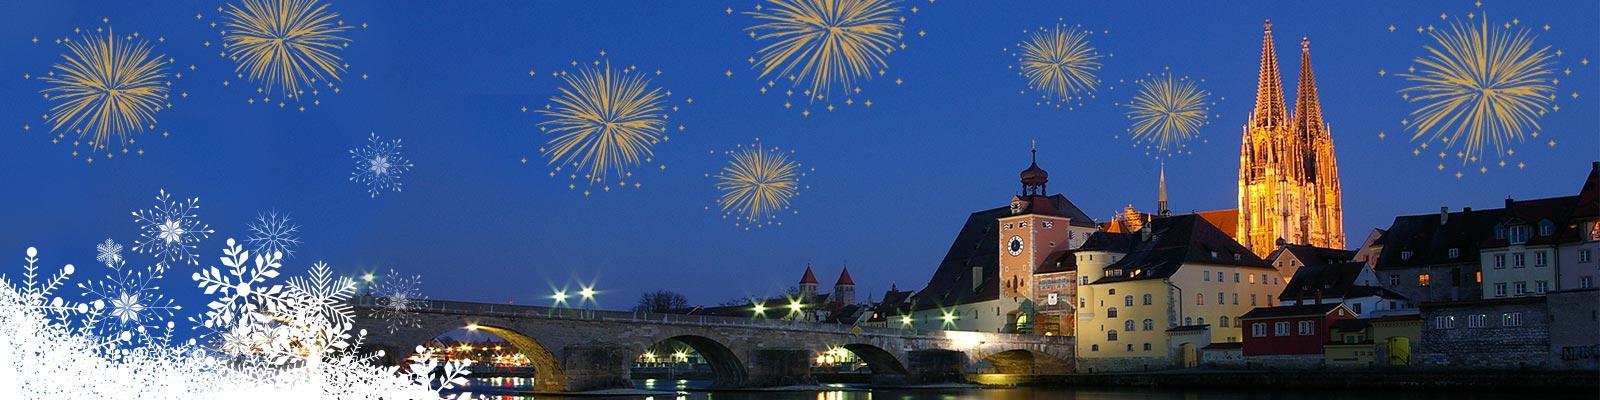 Silvester in Regensburg